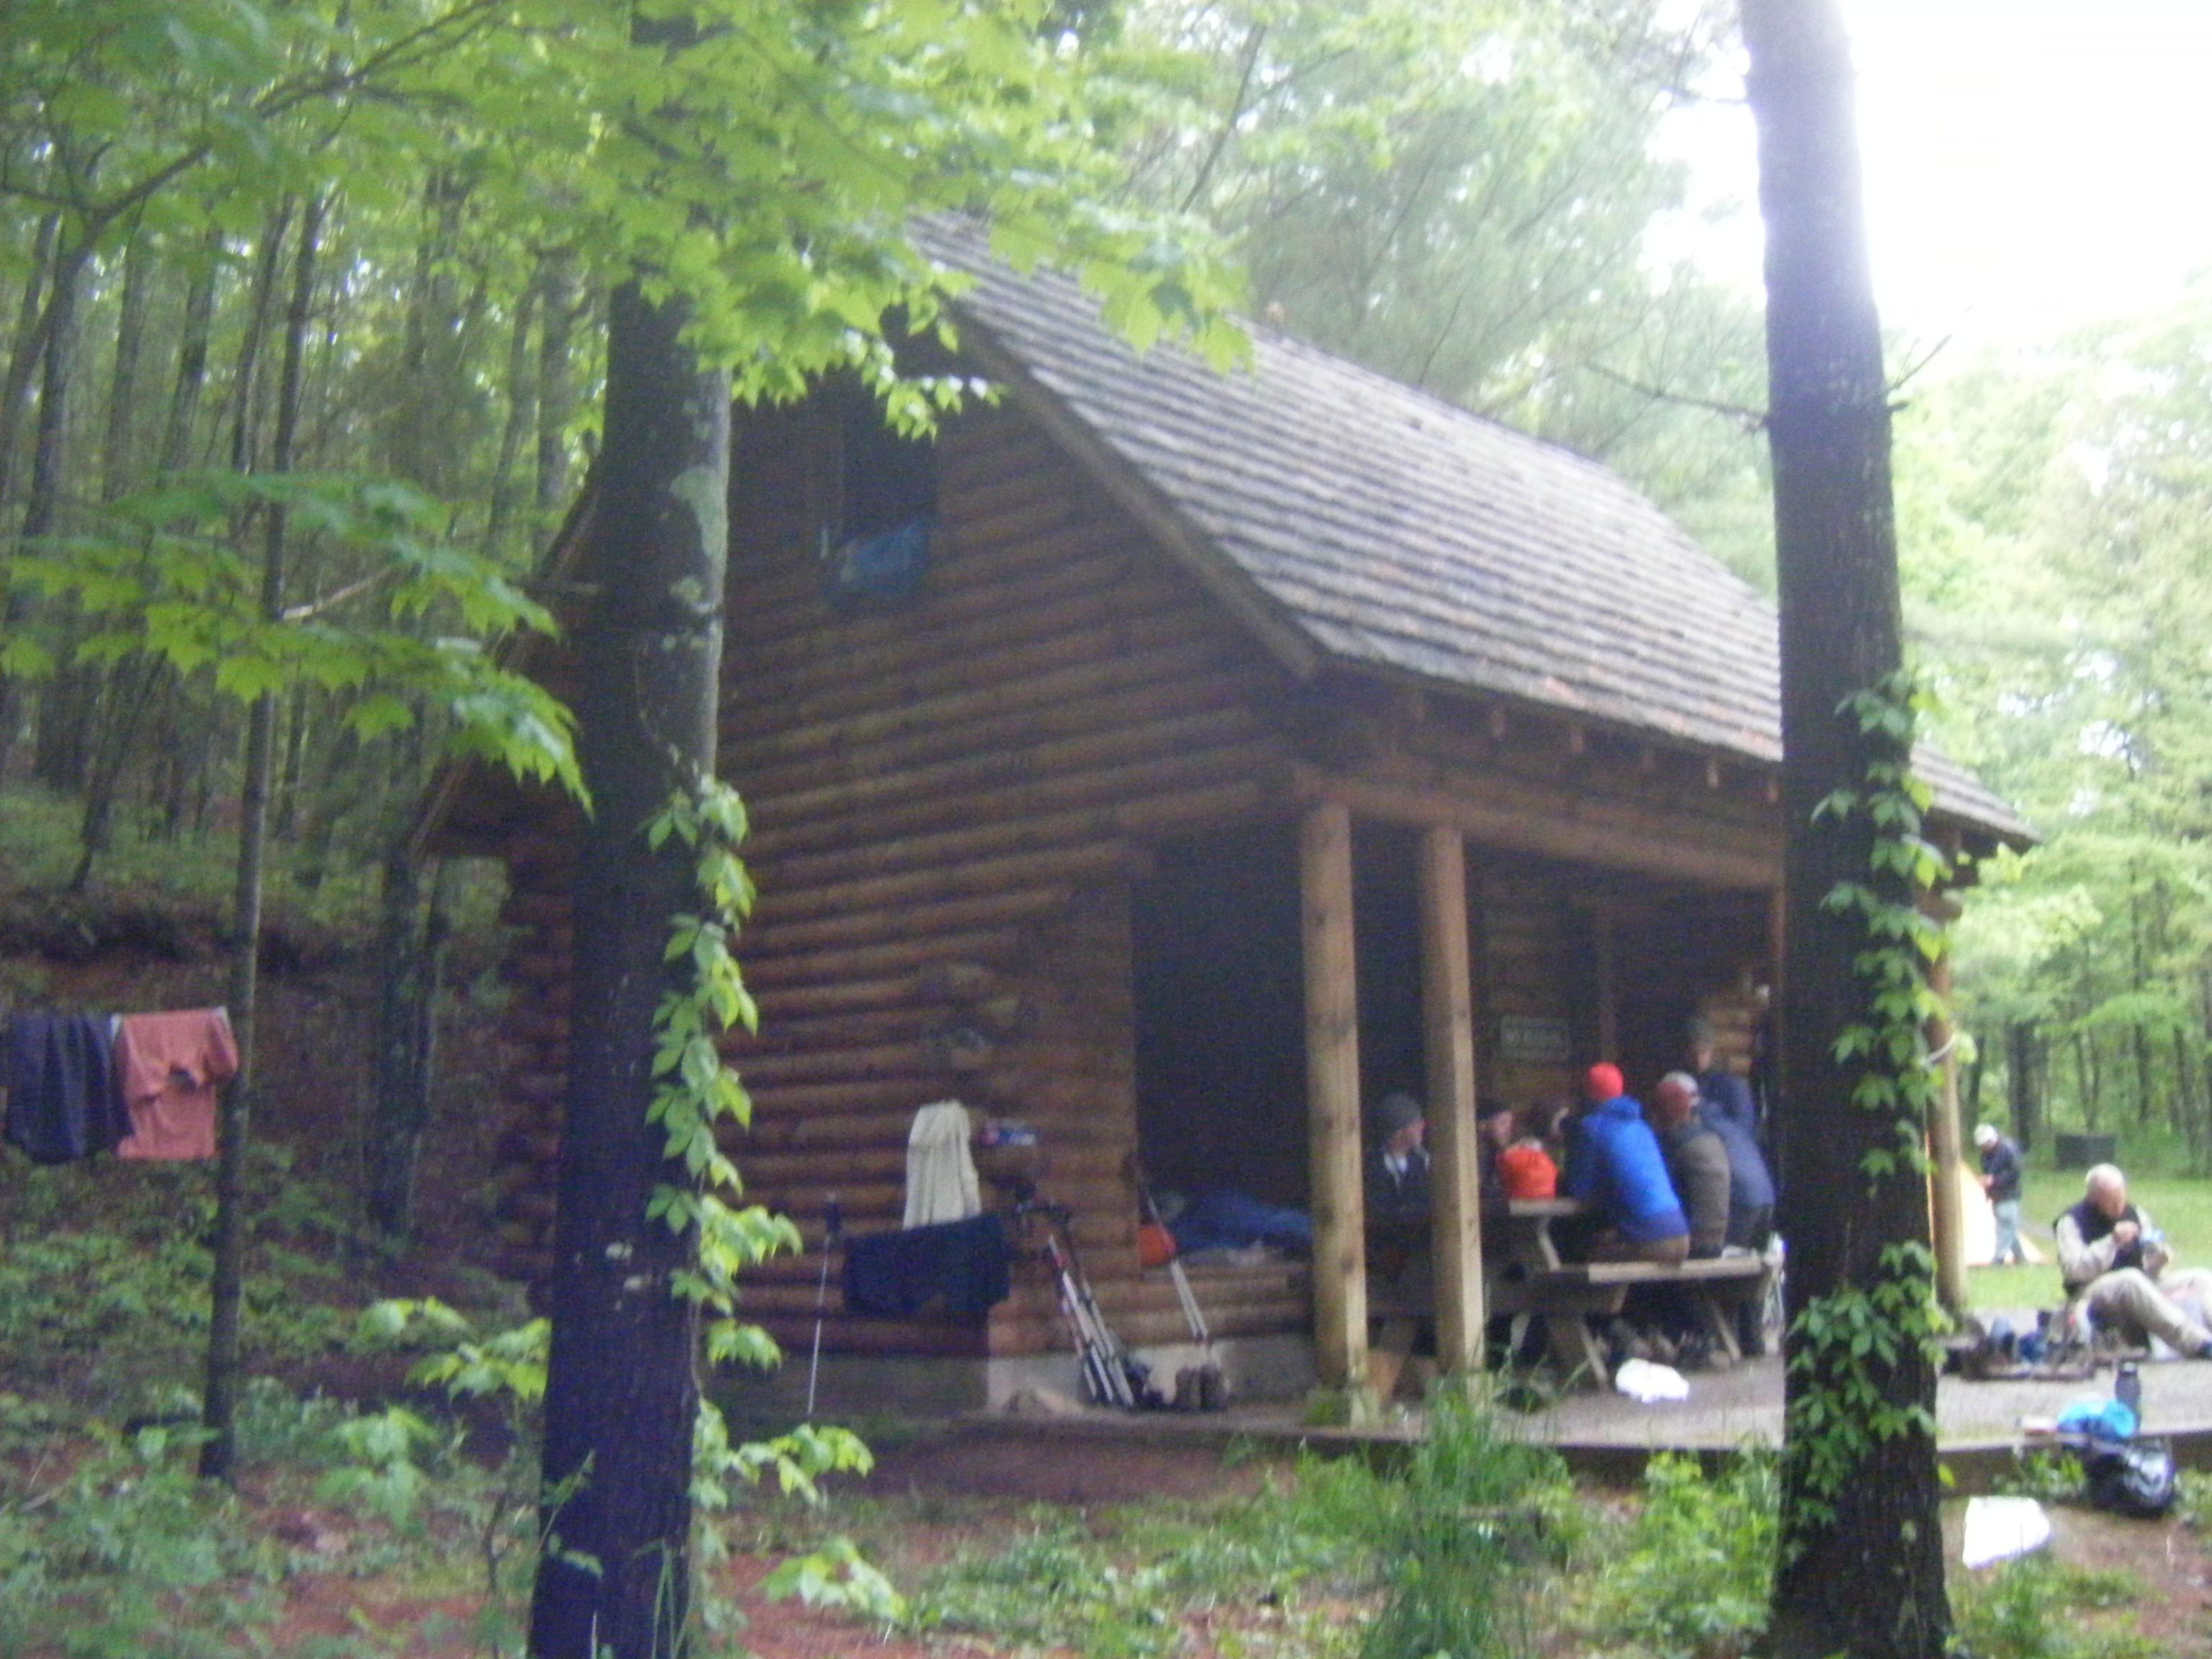 Partnership Shelter in VA